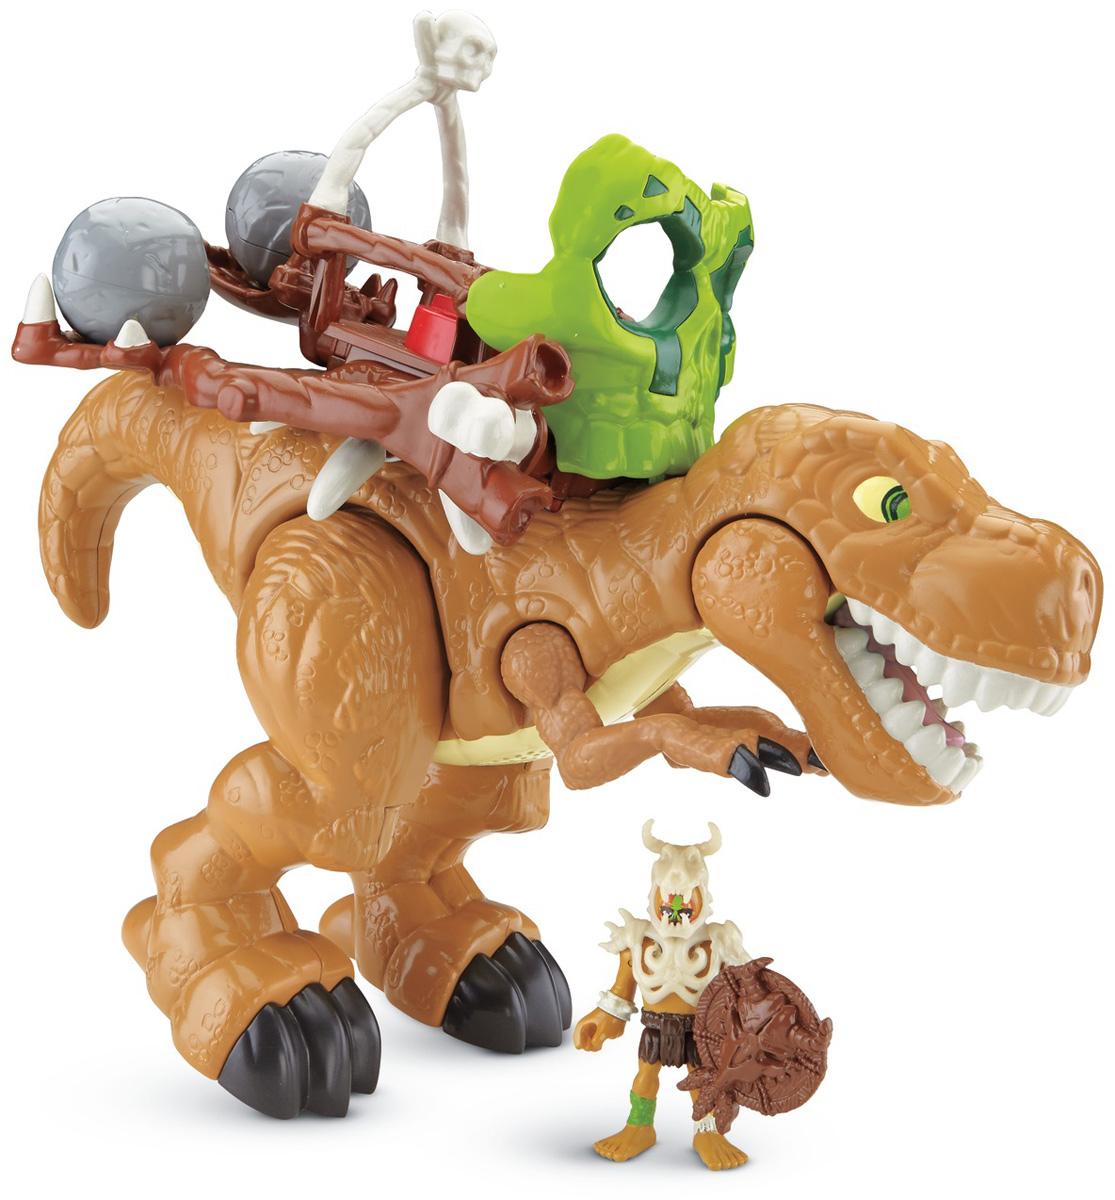 Imaginext Фигурка функциональная T-RexCDN91Фигурка функциональная Imaginext T-Rex обязательно понравится всем поклонникам динозавров. В набор входят дополнительные аксессуары, которые помогут сделать тираннозавра еще сильнее! Фигурка обладает звуковыми функциями. Рекомендуется докупить 2 батарейки напряжением 1,5V типа АА (товар комплектуется демонстрационными).